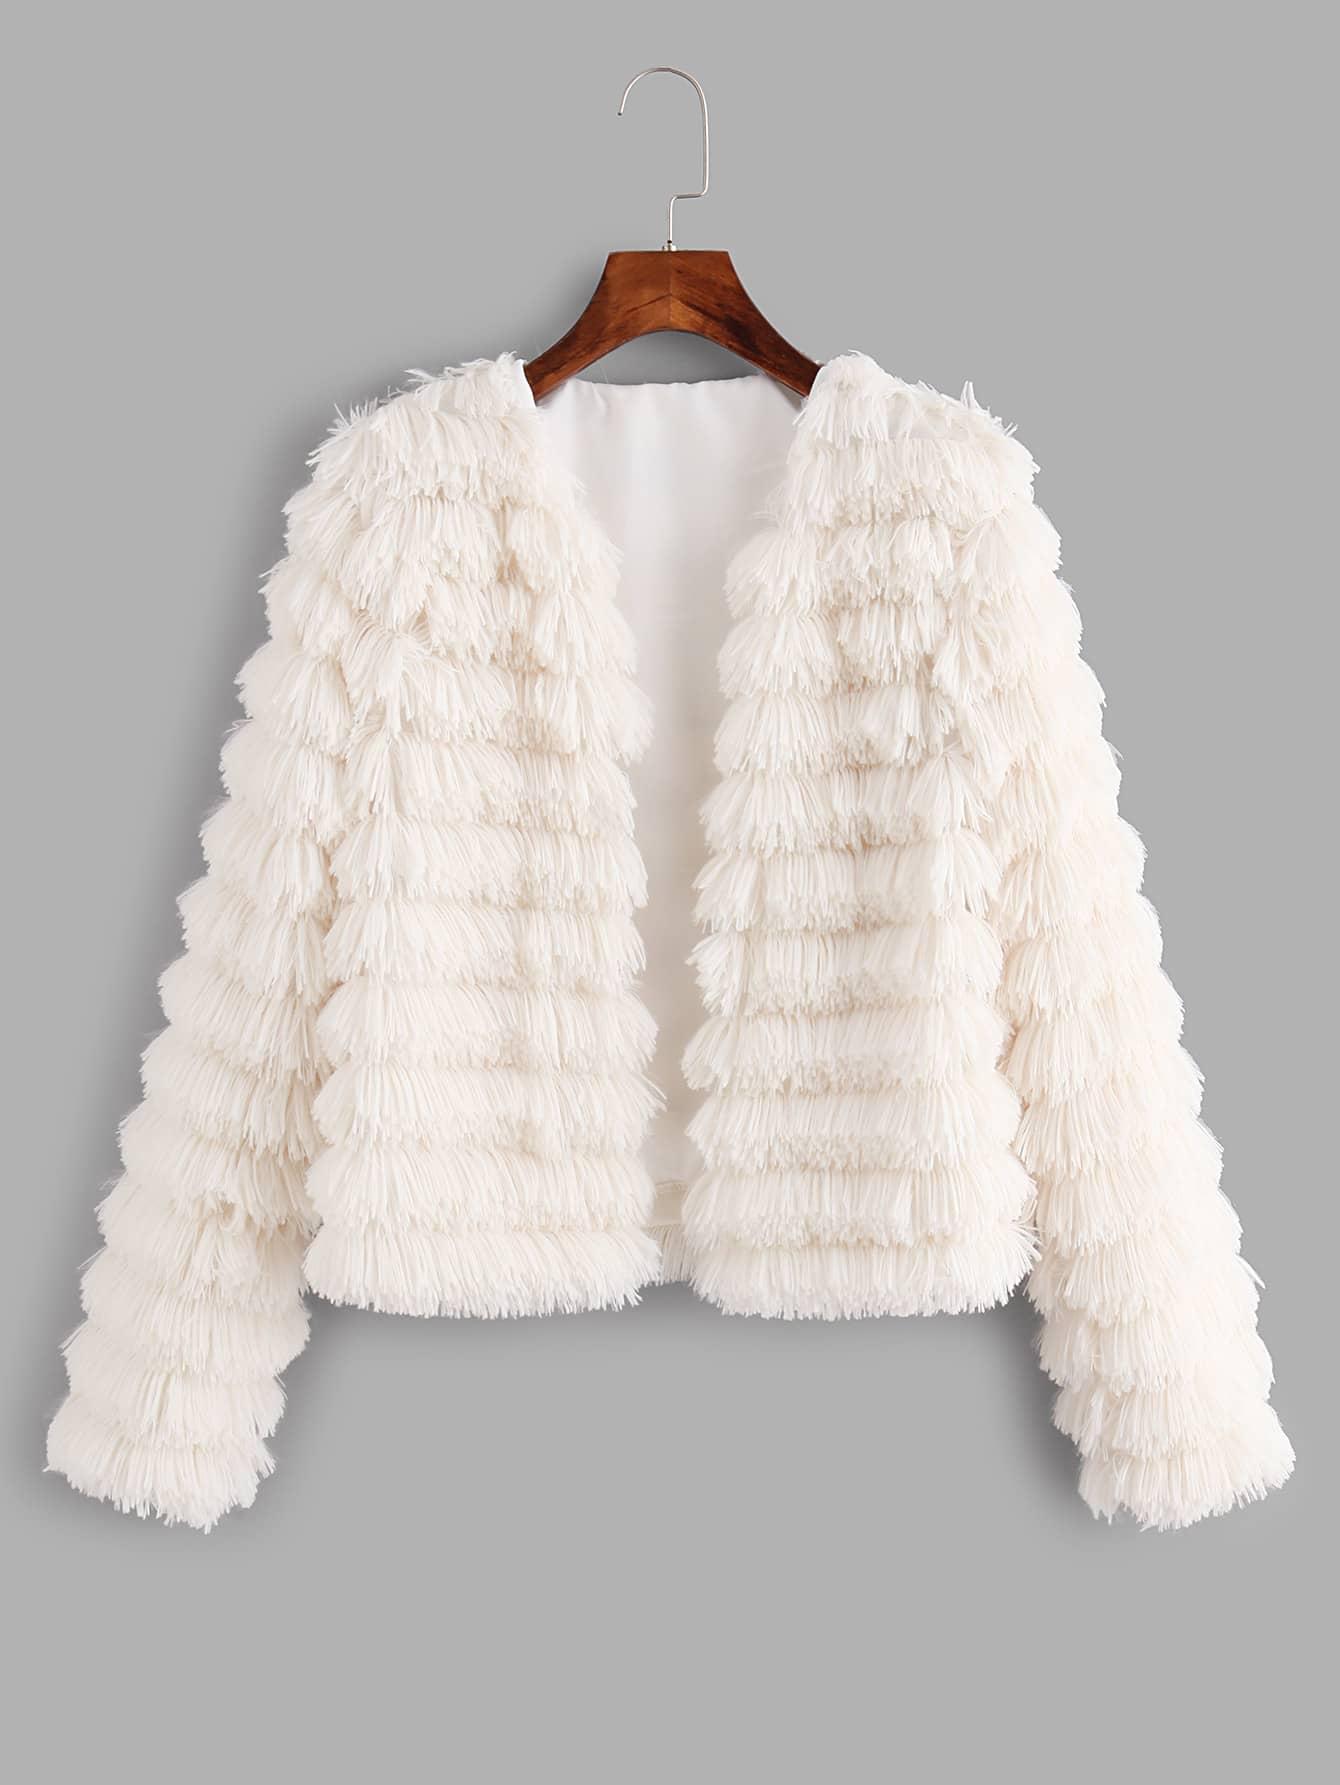 Tiered Fringe Jacket